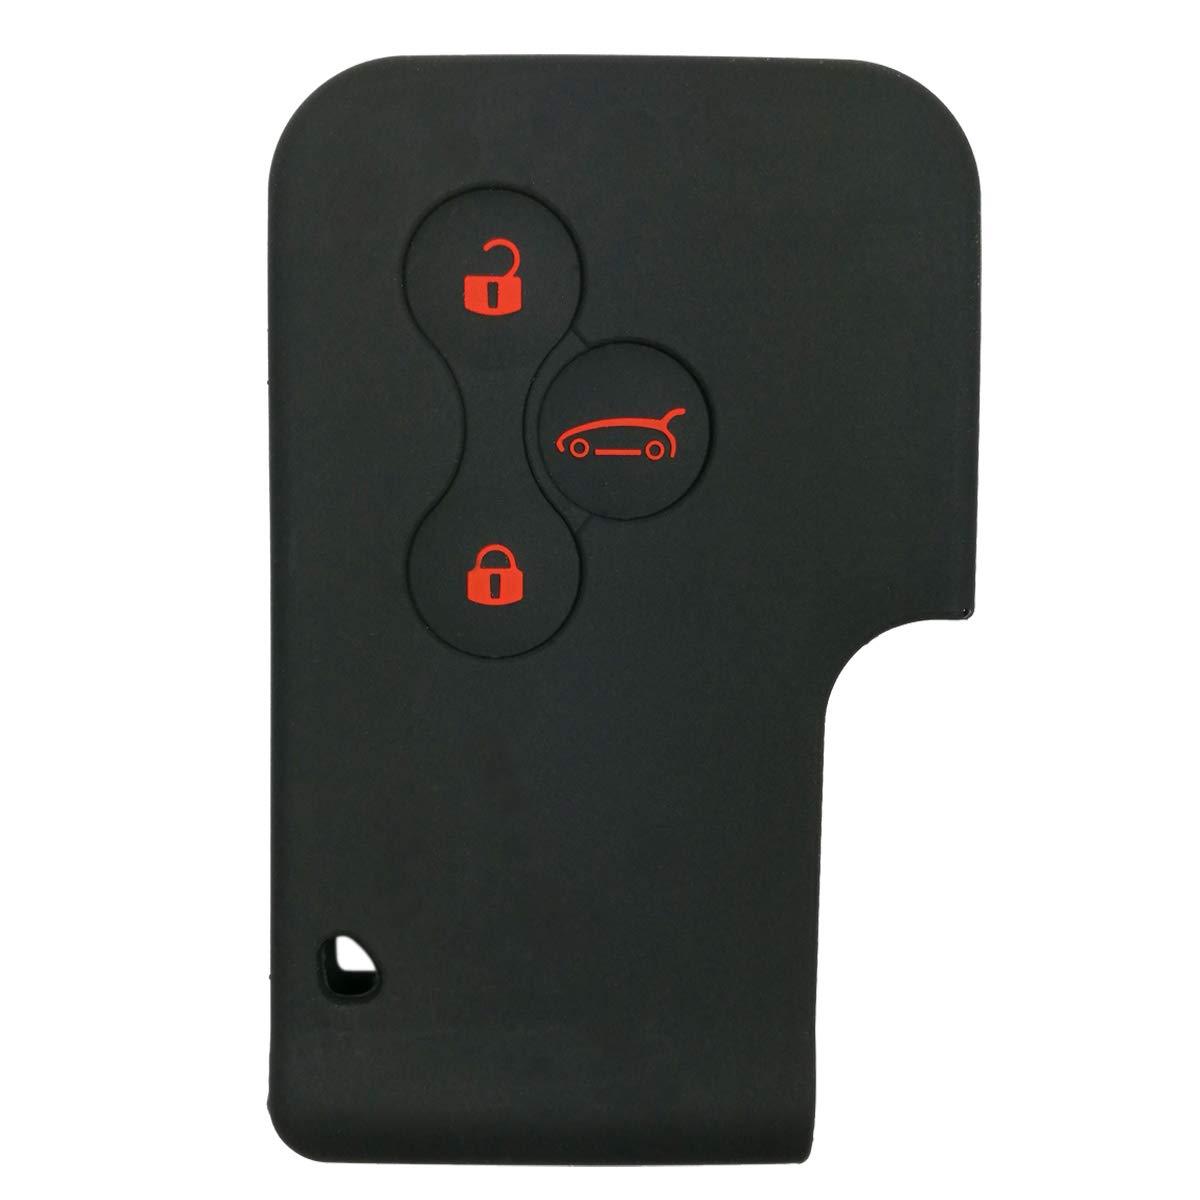 2Pcs Black Funda de silicona de Coolbestda para llave coche Renault Megane R.S 3 botones y Sc/énic